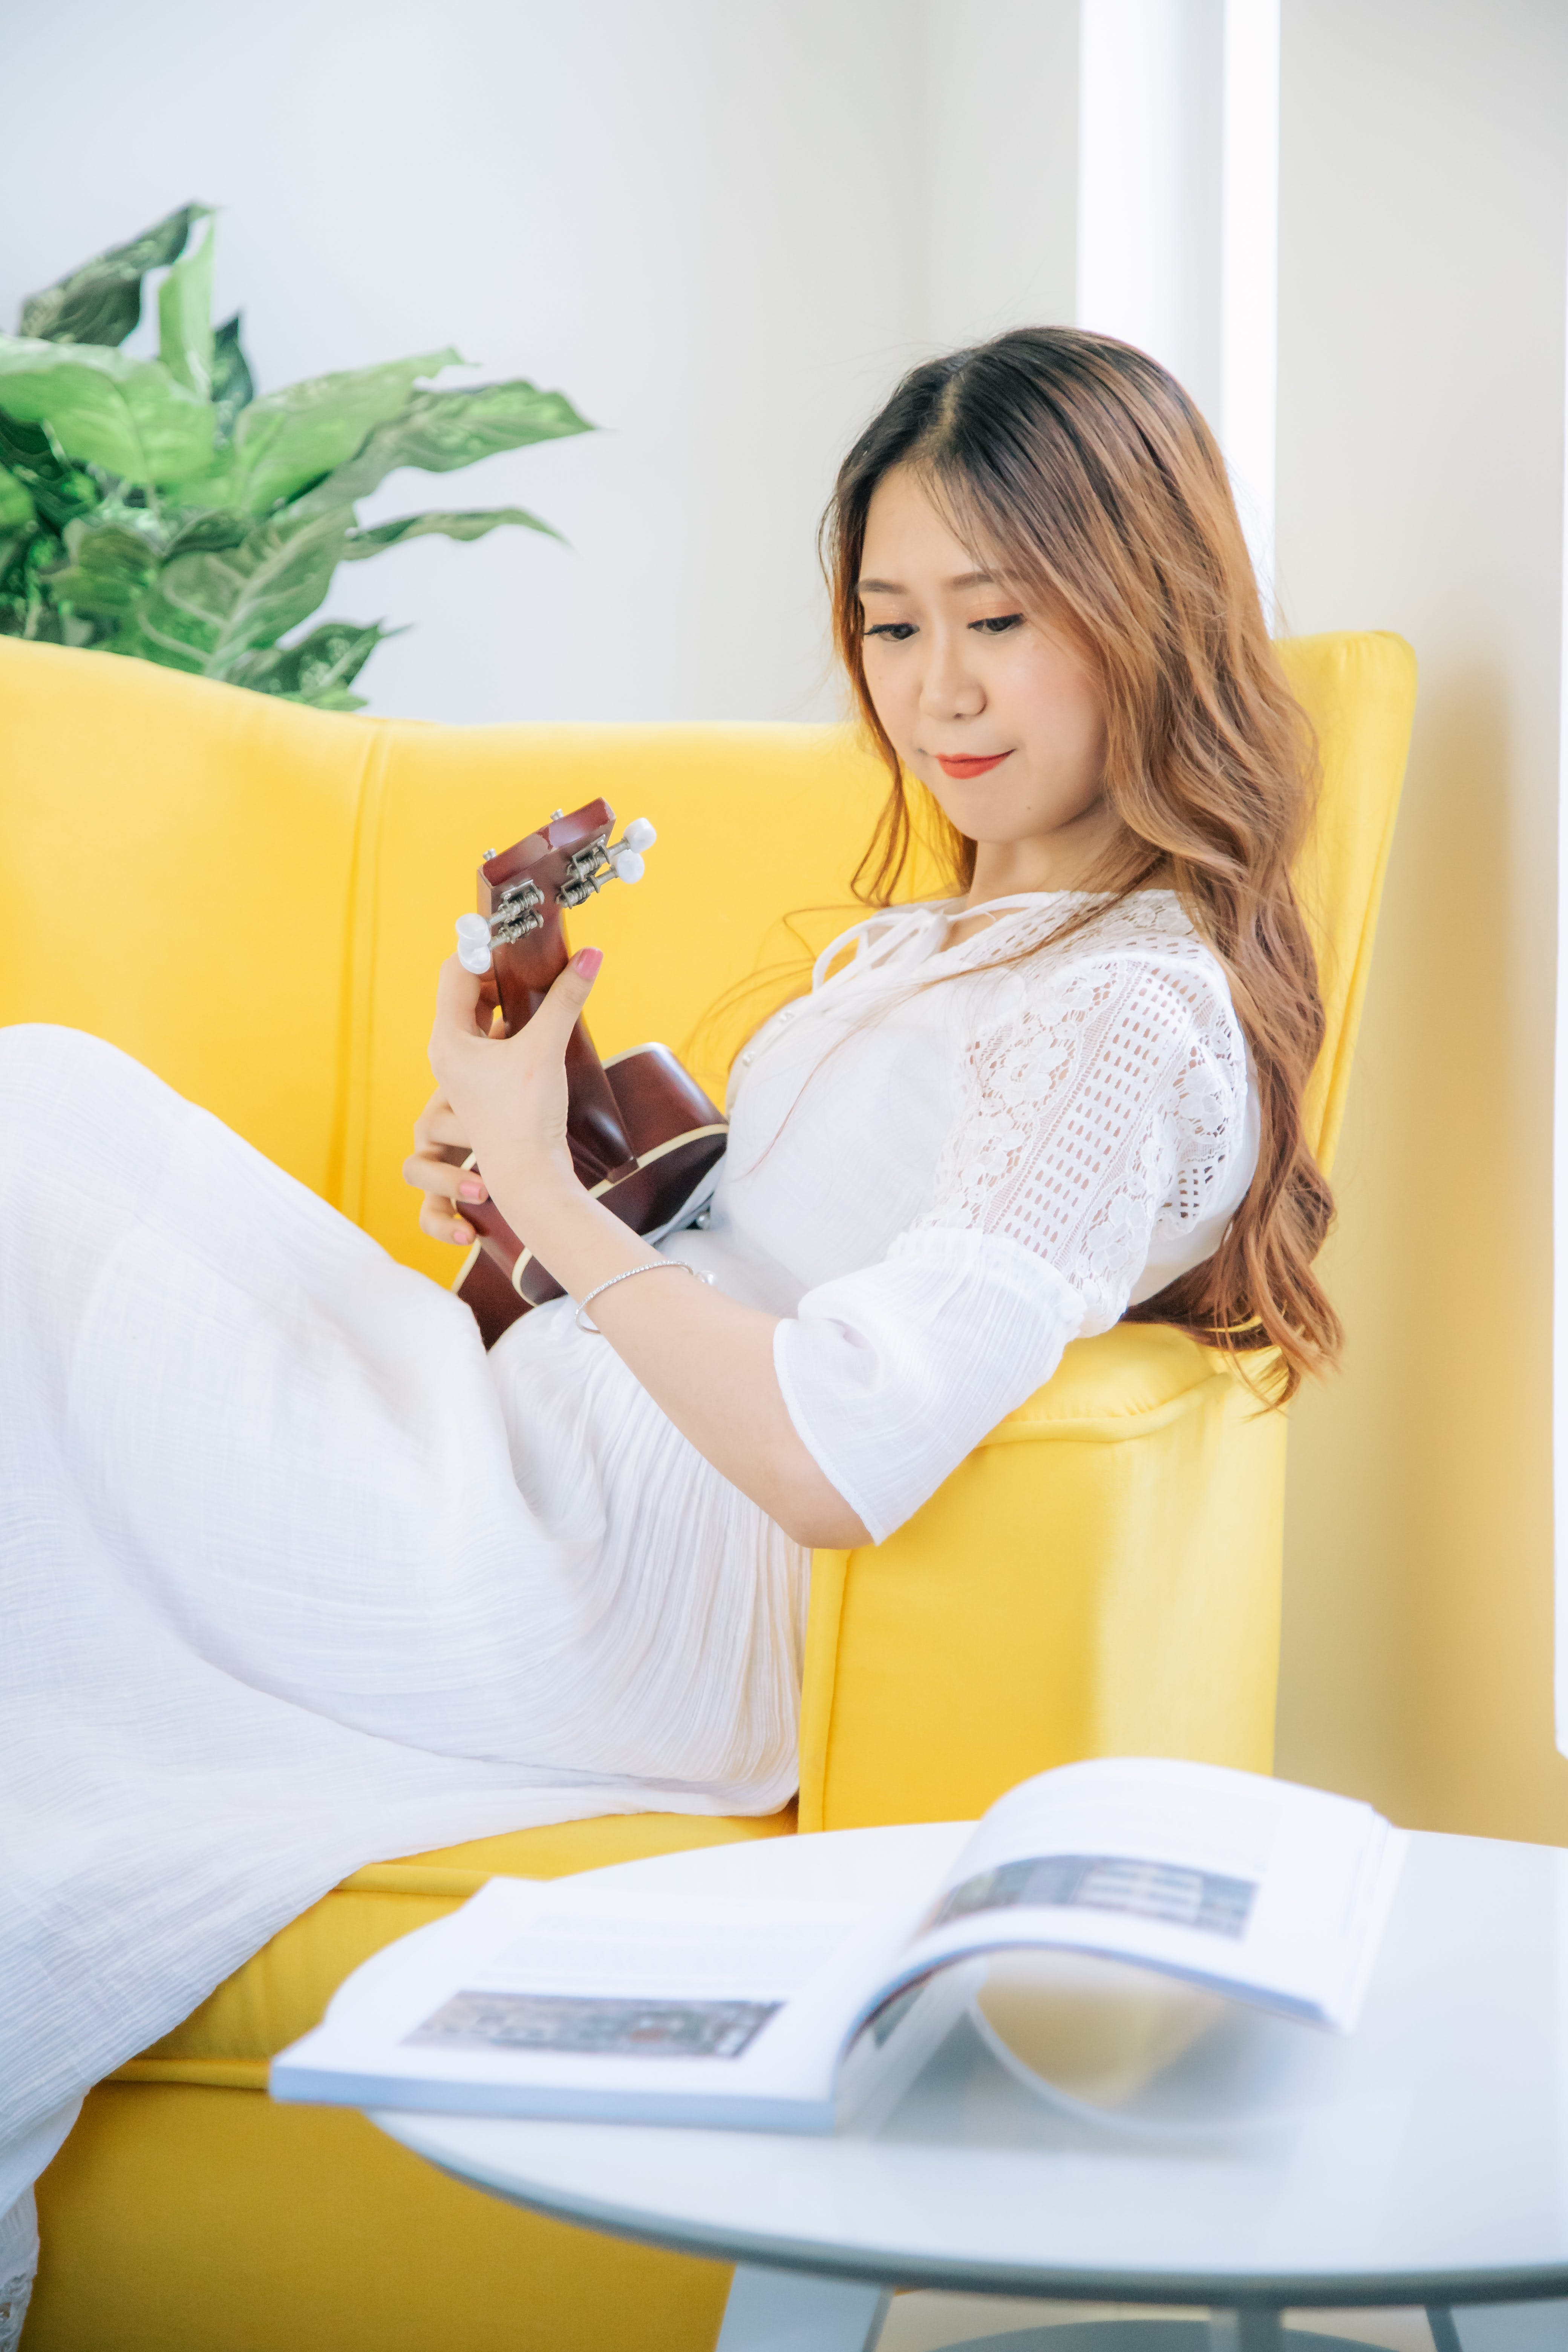 Woman Sitting on Sofa While Playing Ukulele